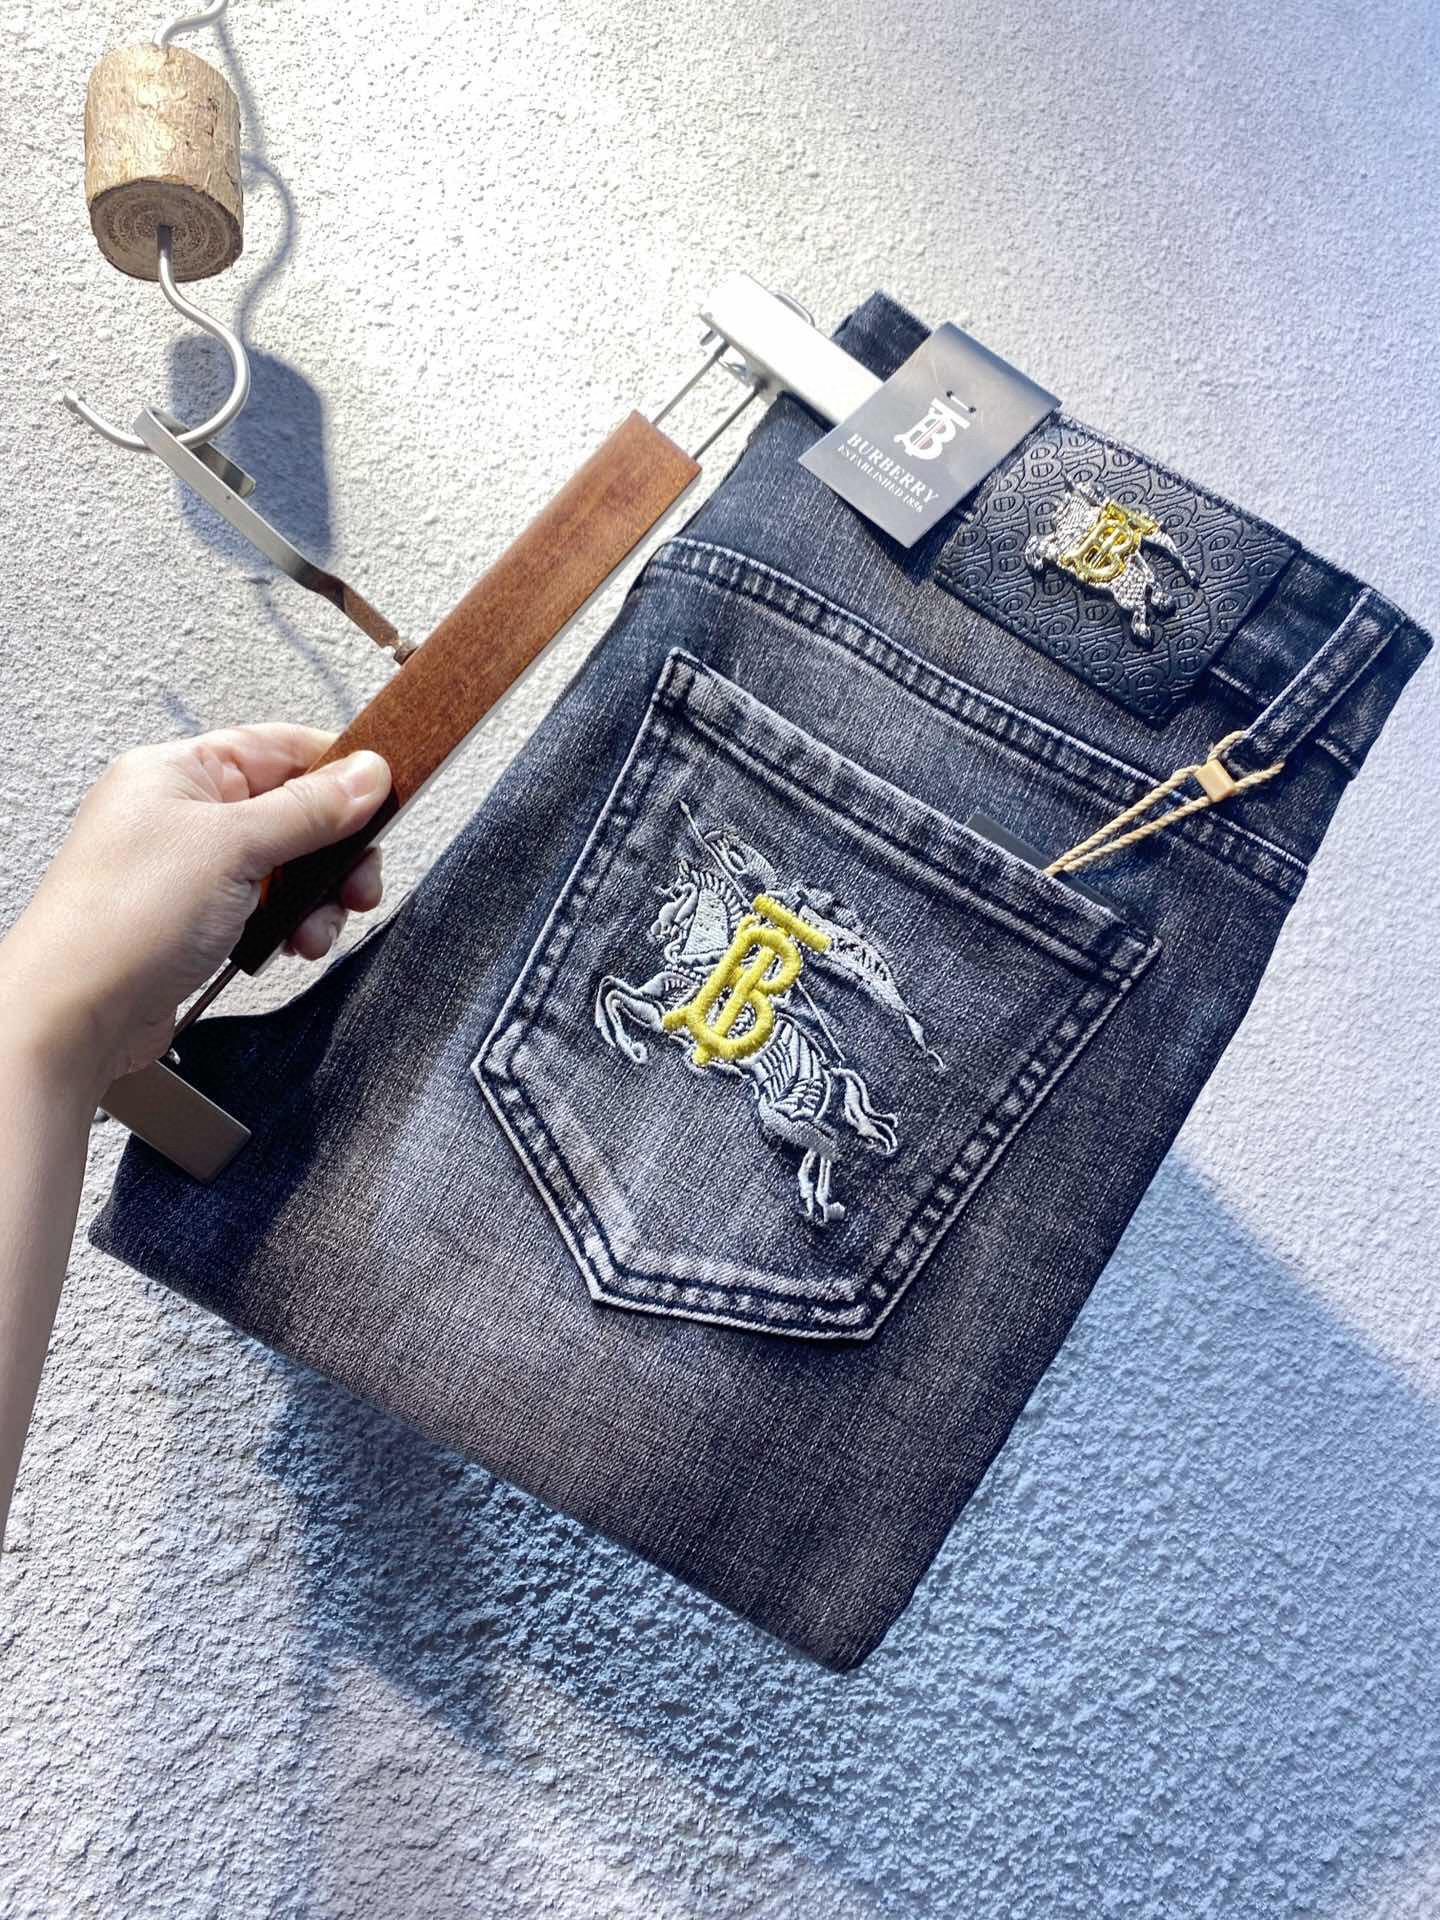 牛仔褲【男士精品】Burberry牛仔褲 男士牛仔褲 修身小腳牛仔褲 潮牌牛仔褲 刺繡logo 彈力牛仔褲 牛仔長褲男褲